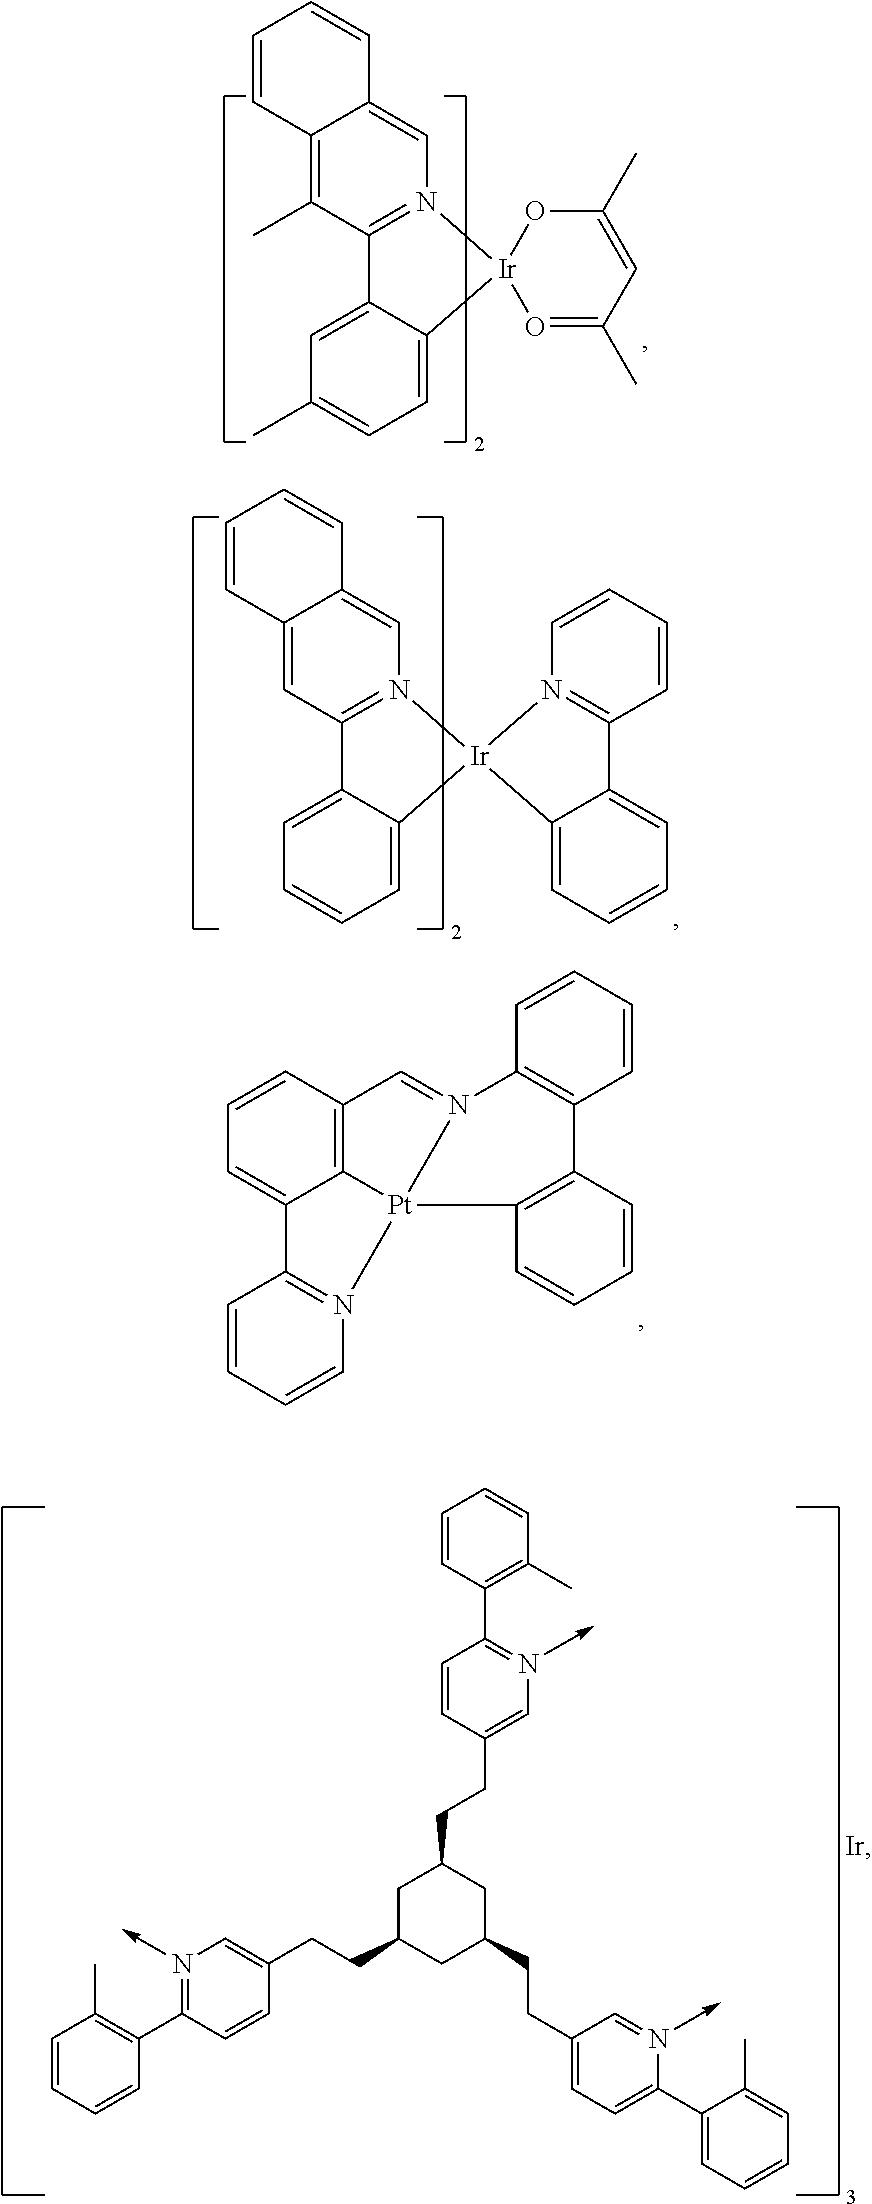 Figure US20180130962A1-20180510-C00192